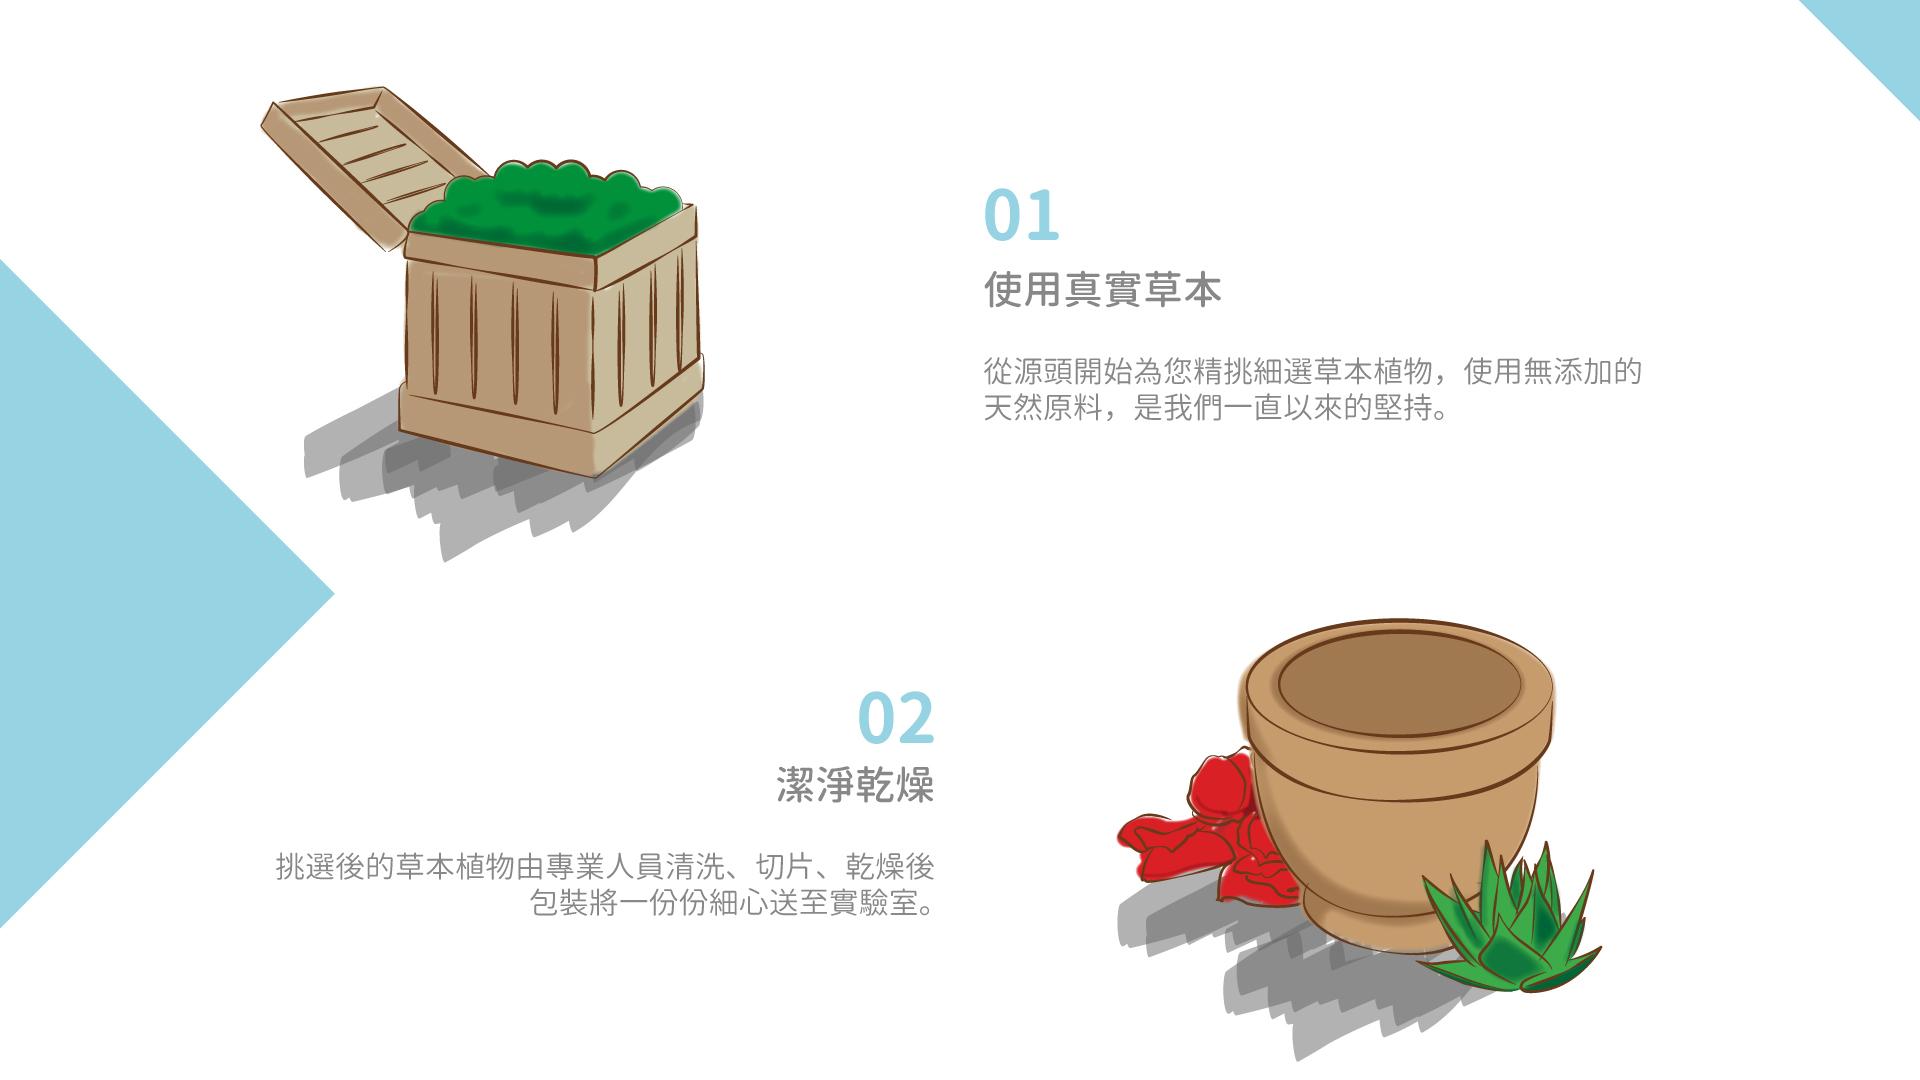 再透過自行研發的加工設備將草本 一點一滴的注入衛生棉中。使用真實草本 從源頭開始為您精挑細選草本植物 使用無添加的天然原料 是我們一直以來的堅持。潔淨乾燥 挑選後的草本植物由專業人員清洗、切片、乾燥後包裝 將一份份細心送至實驗室。